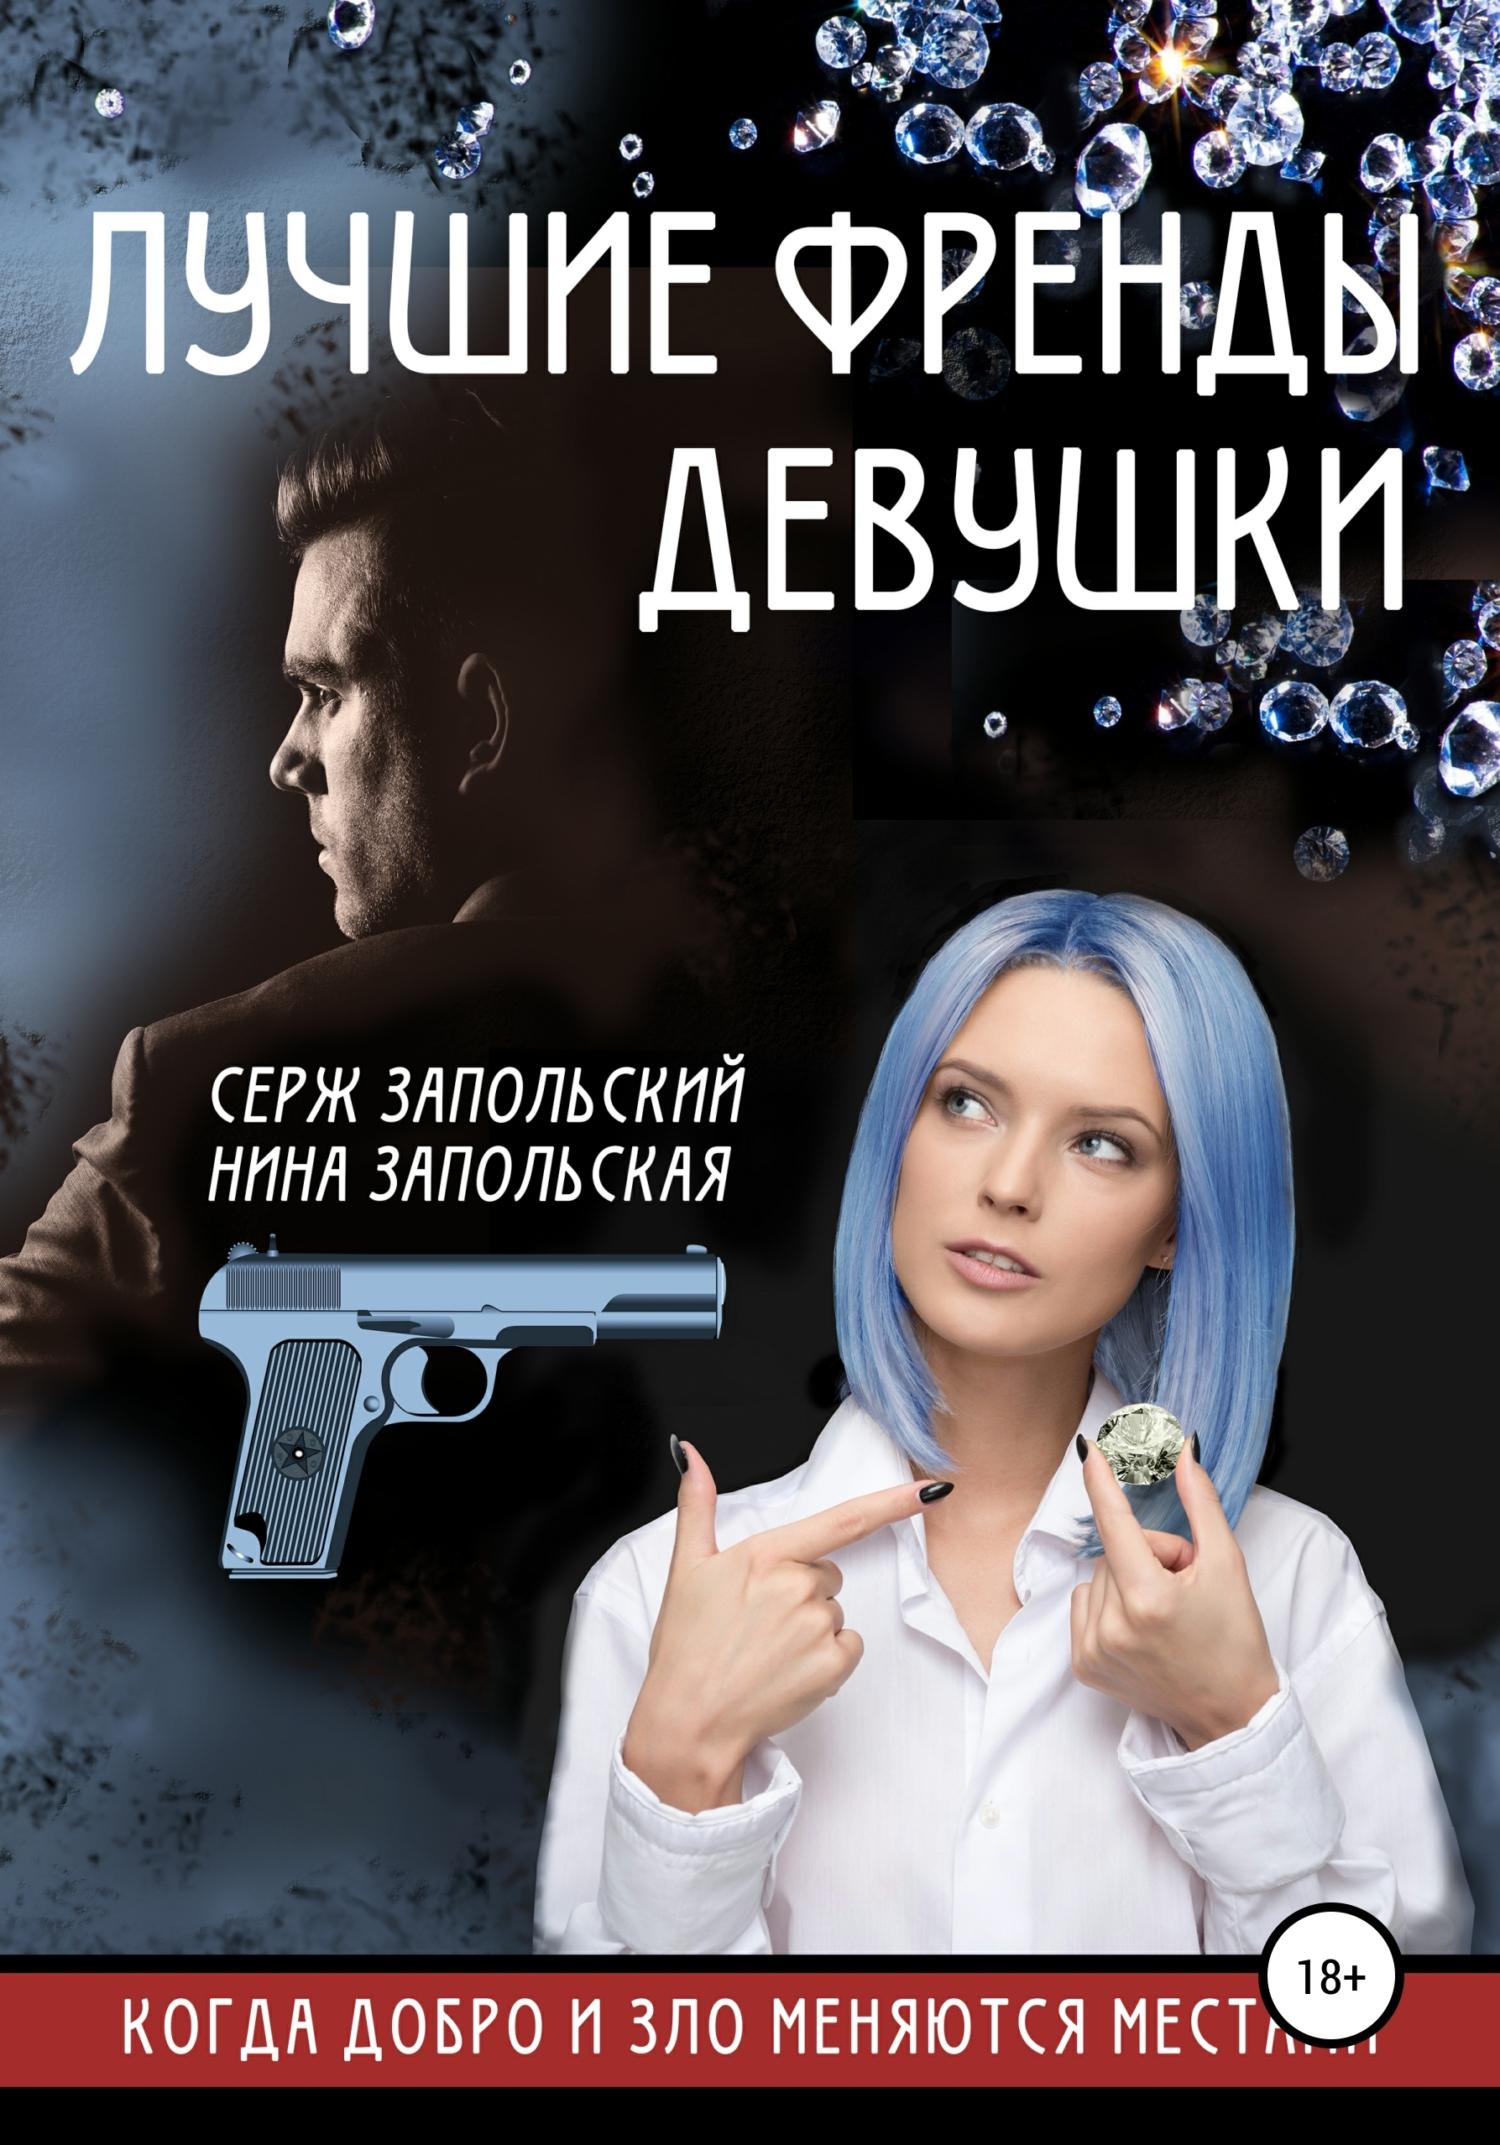 Нина Запольская Лучшие френды девушки нина запольская дорогой сеньор президент